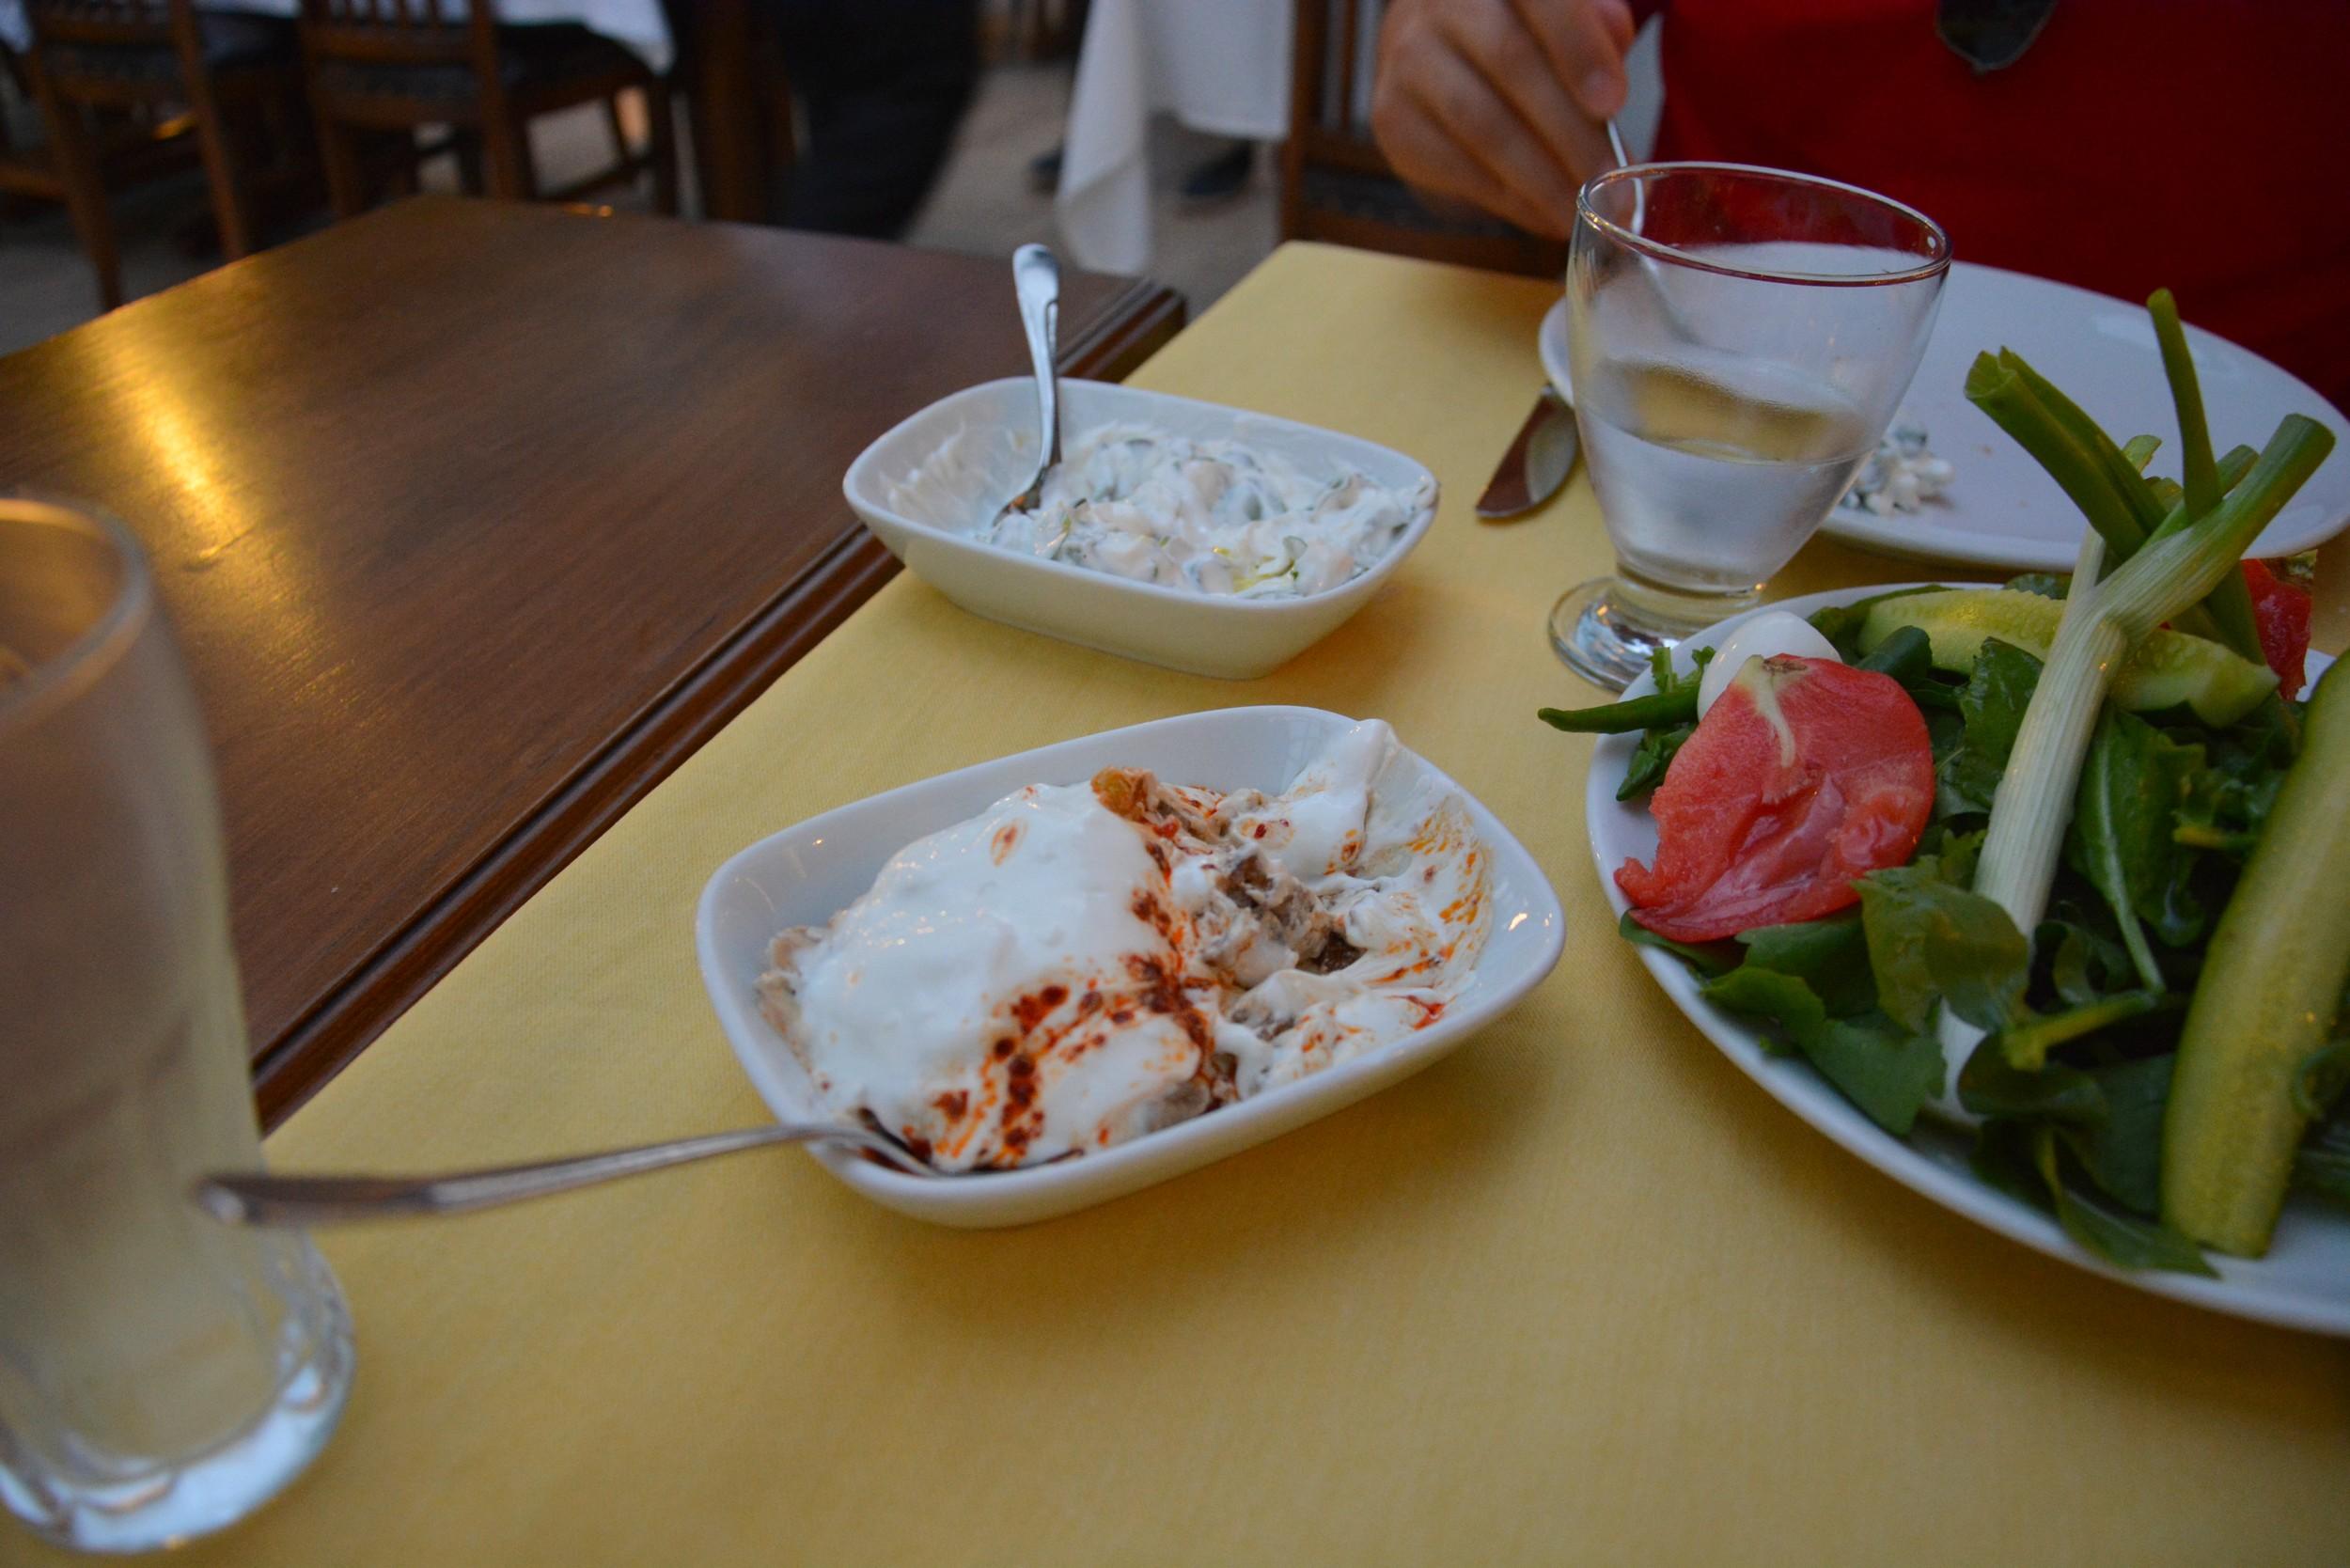 Starters at the Garson şükrü, Denizli